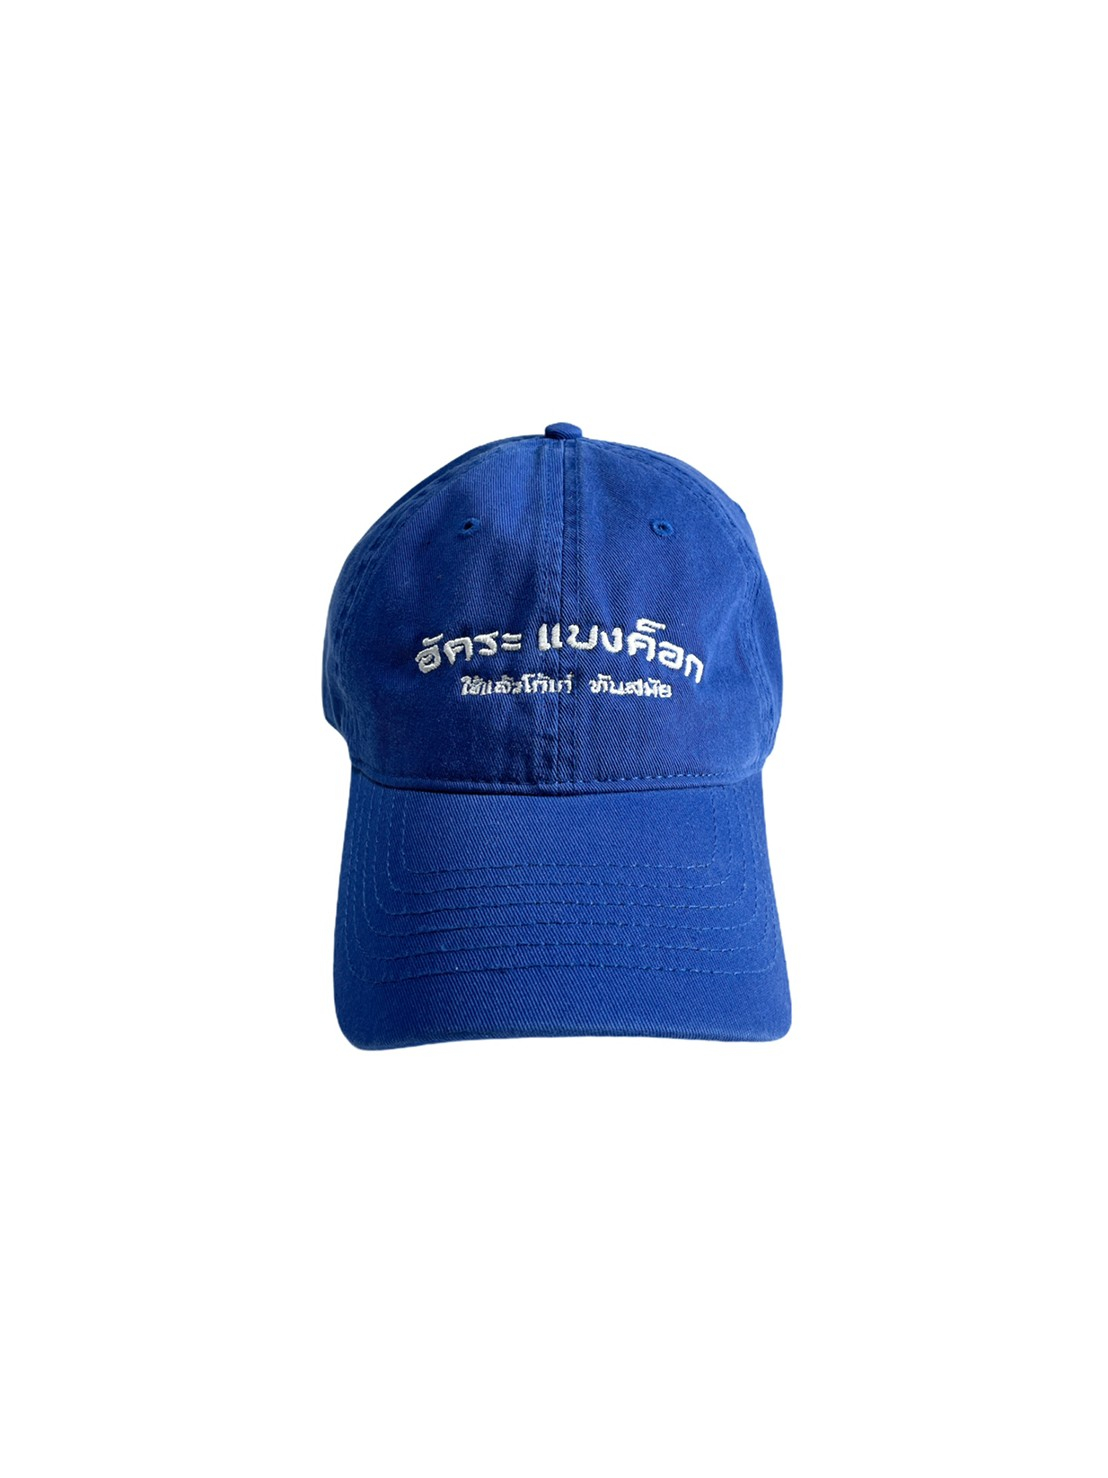 AKKARA Cap (Blue)